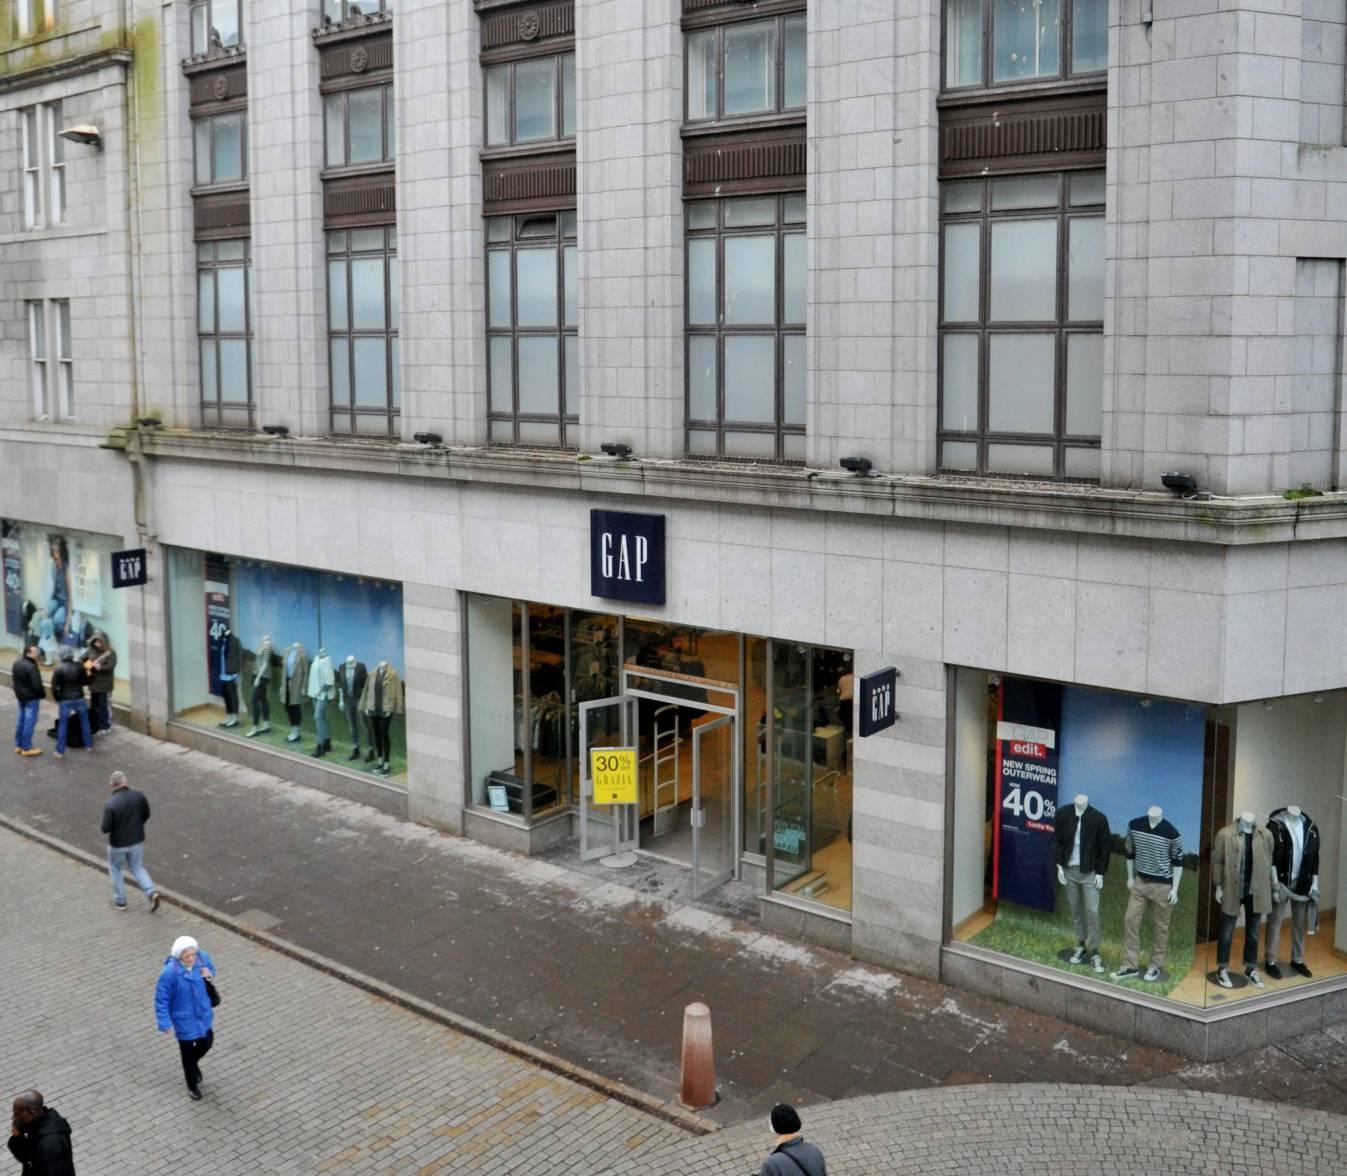 Aberdeen's former Gap store